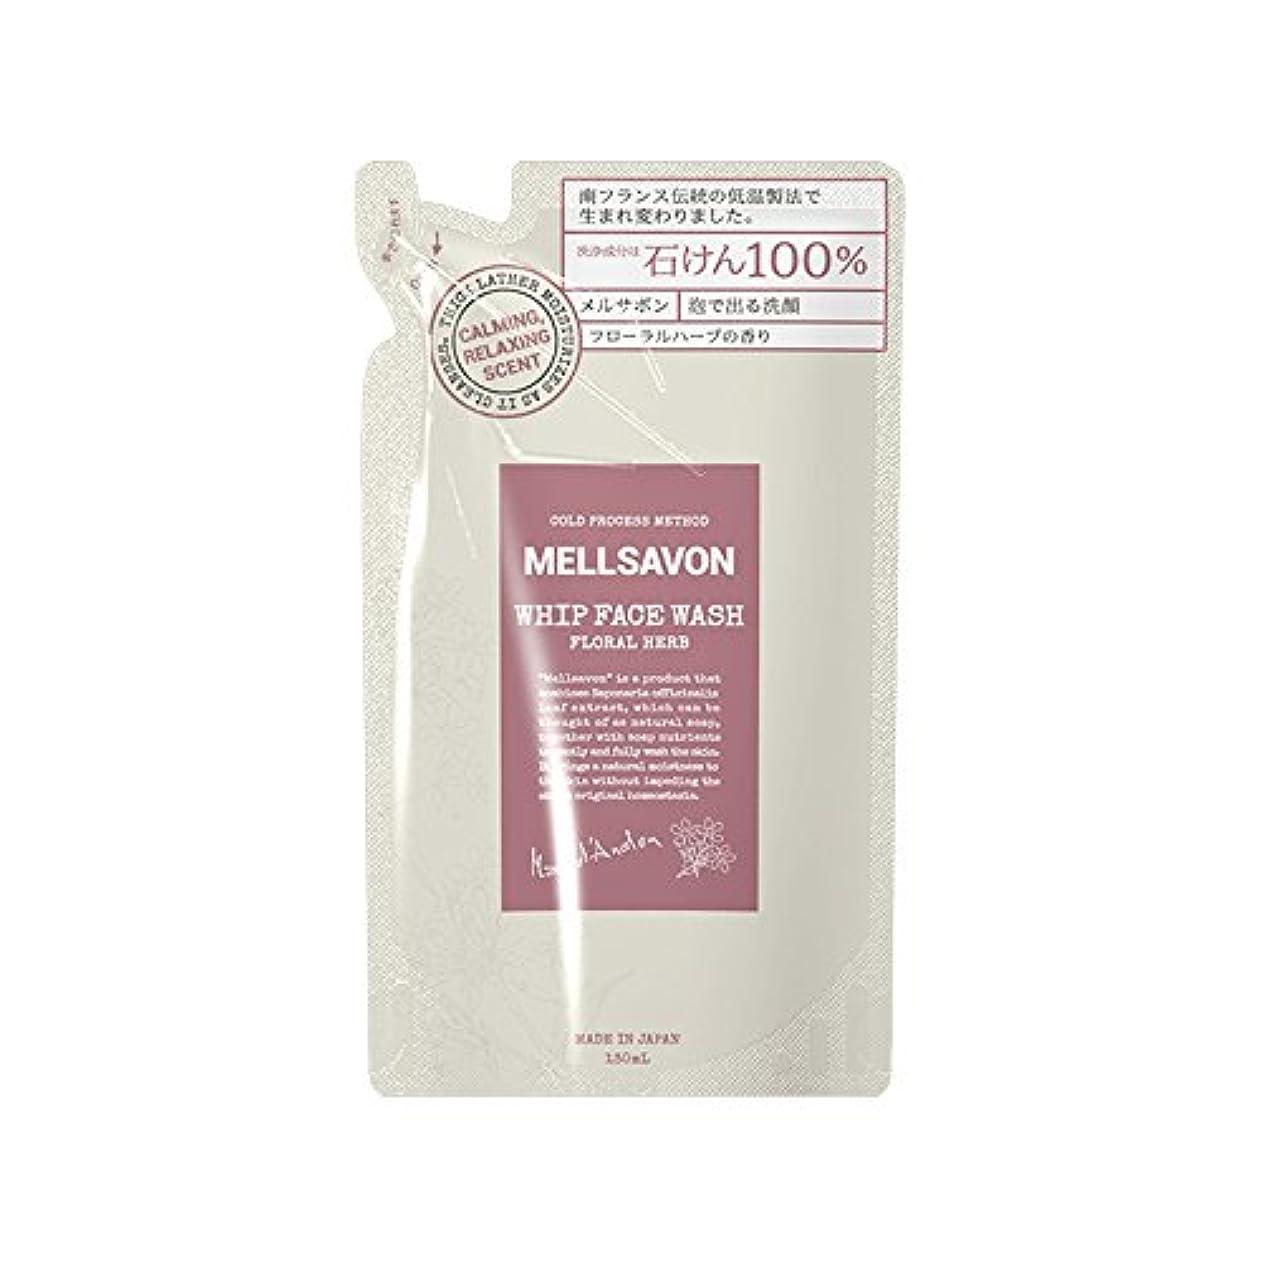 先に口述する不機嫌Mellsavon(メルサボン) メルサボン ホイップフェイスウォッシュ フローラルハーブ 詰替 130mL 洗顔